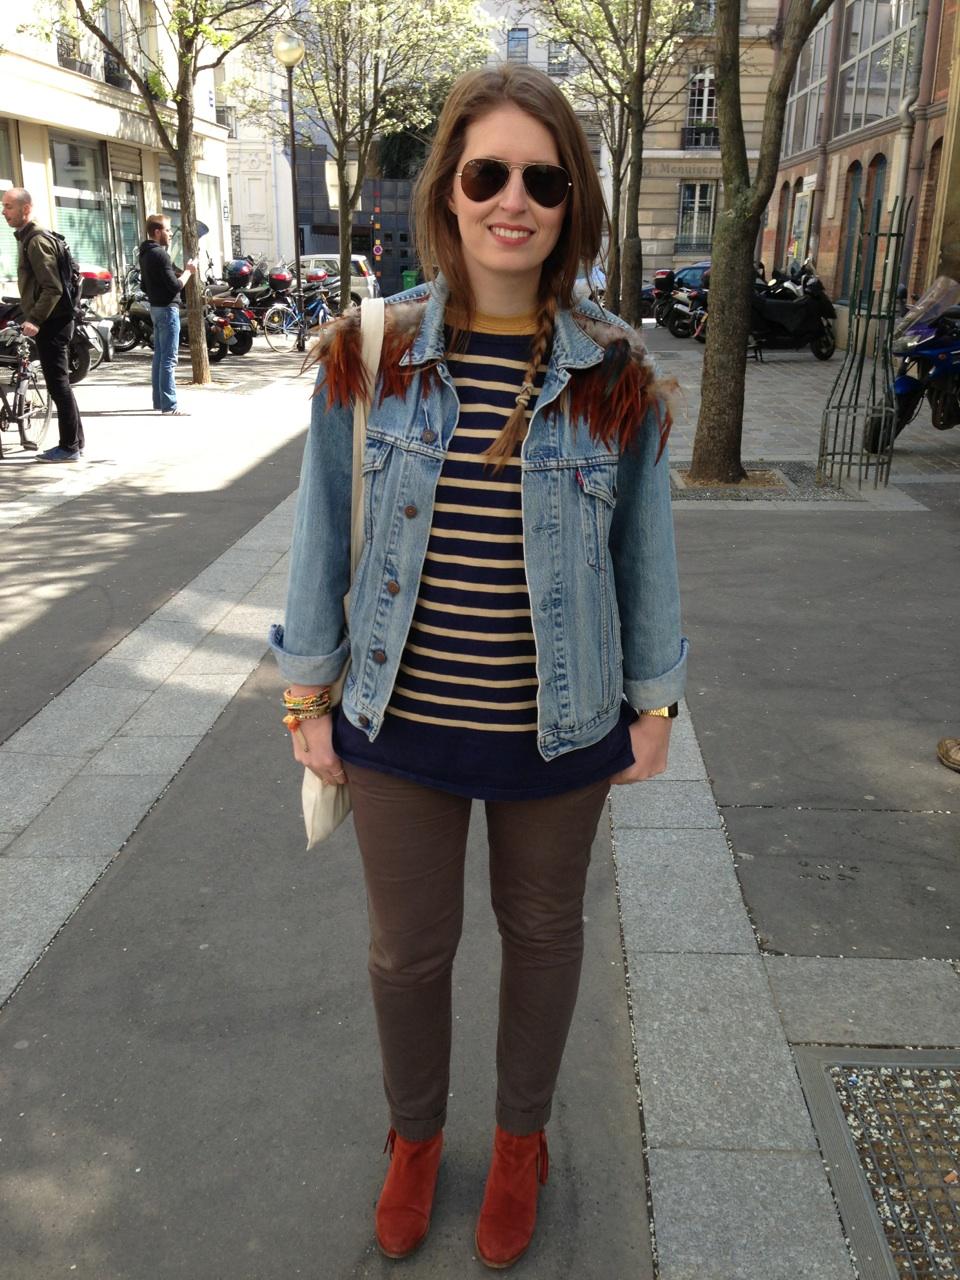 http://www.charlenesurlenet.blogspot.fr